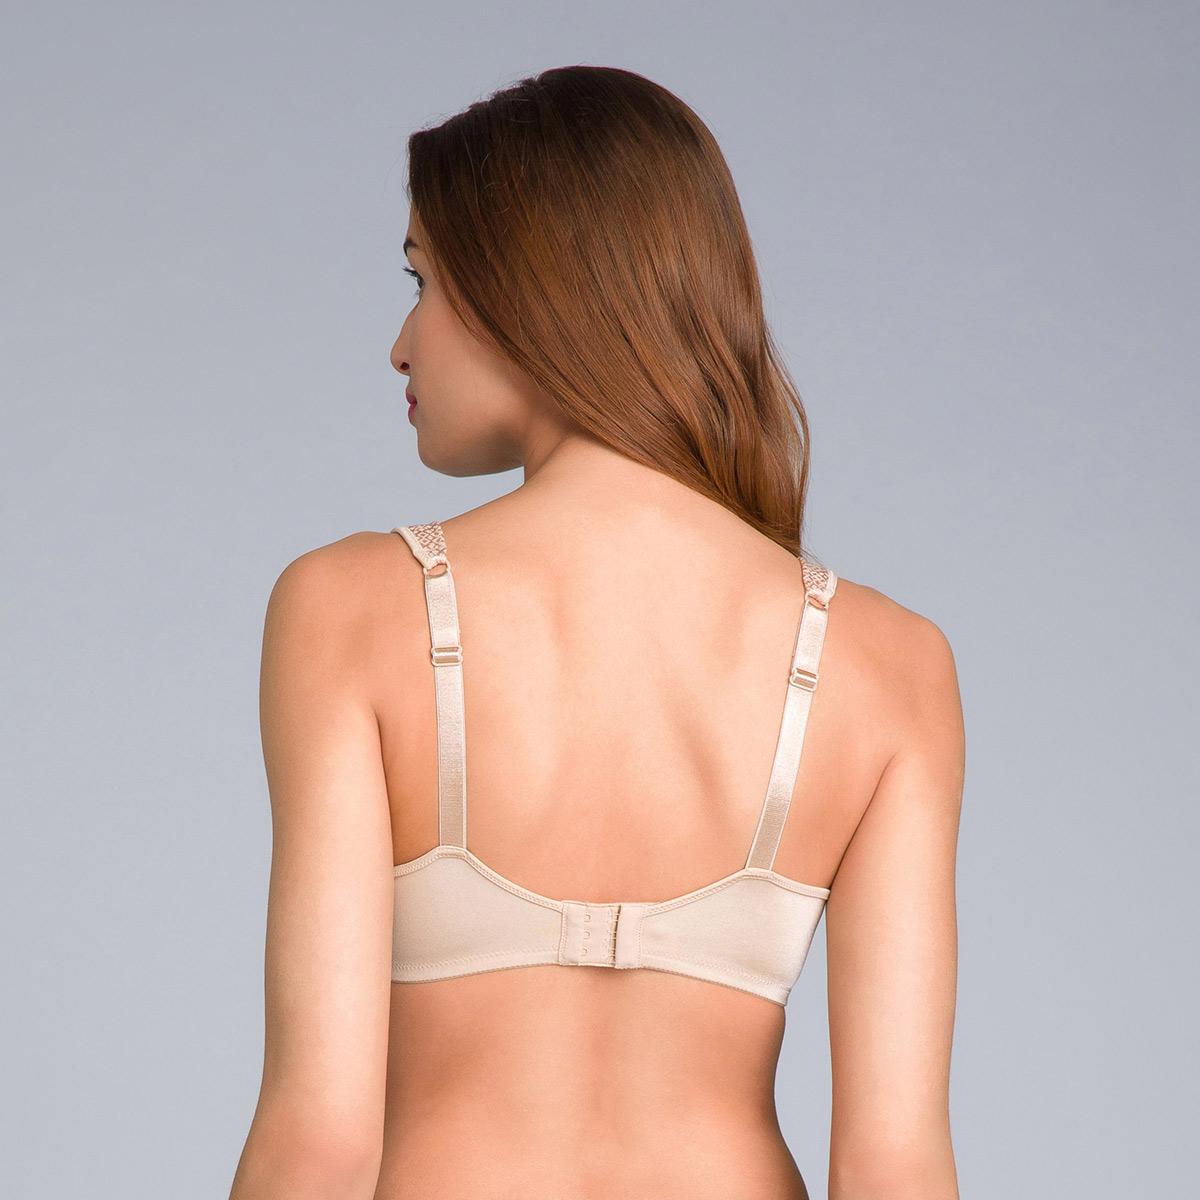 Soutien-gorge avec armatures beige Body Revelation, , PLAYTEX